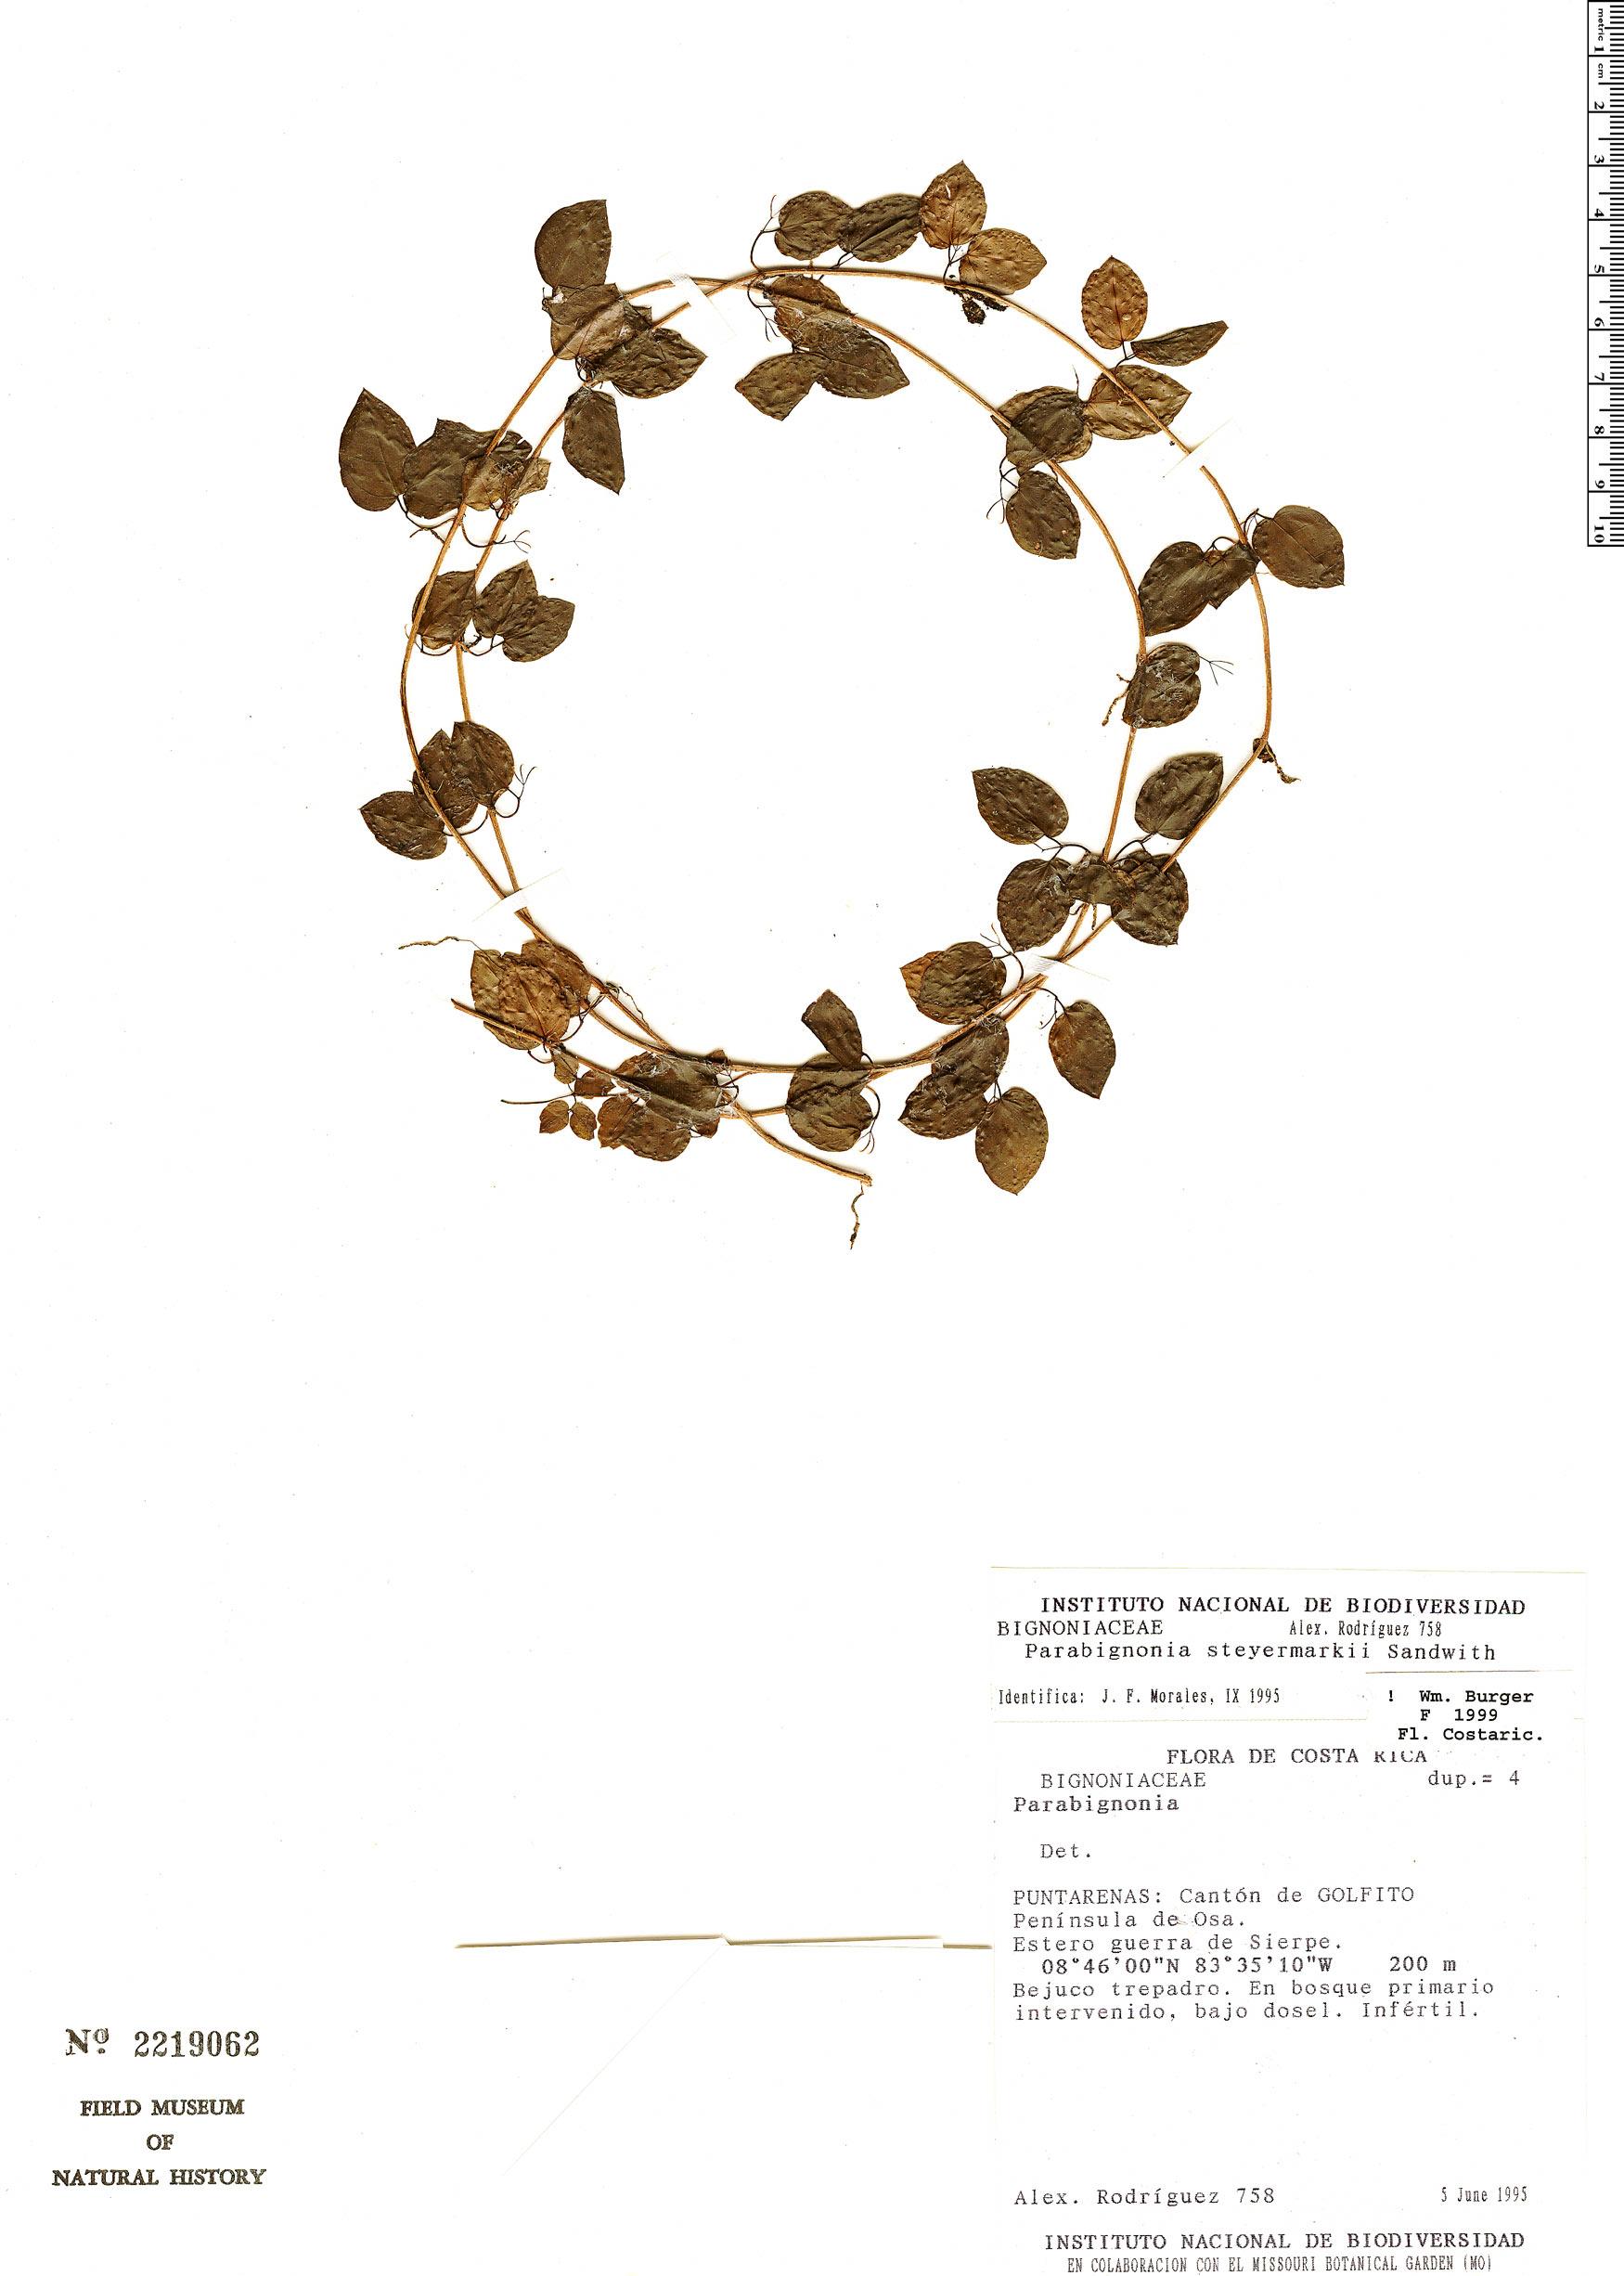 Specimen: Dolichandra steyermarkii